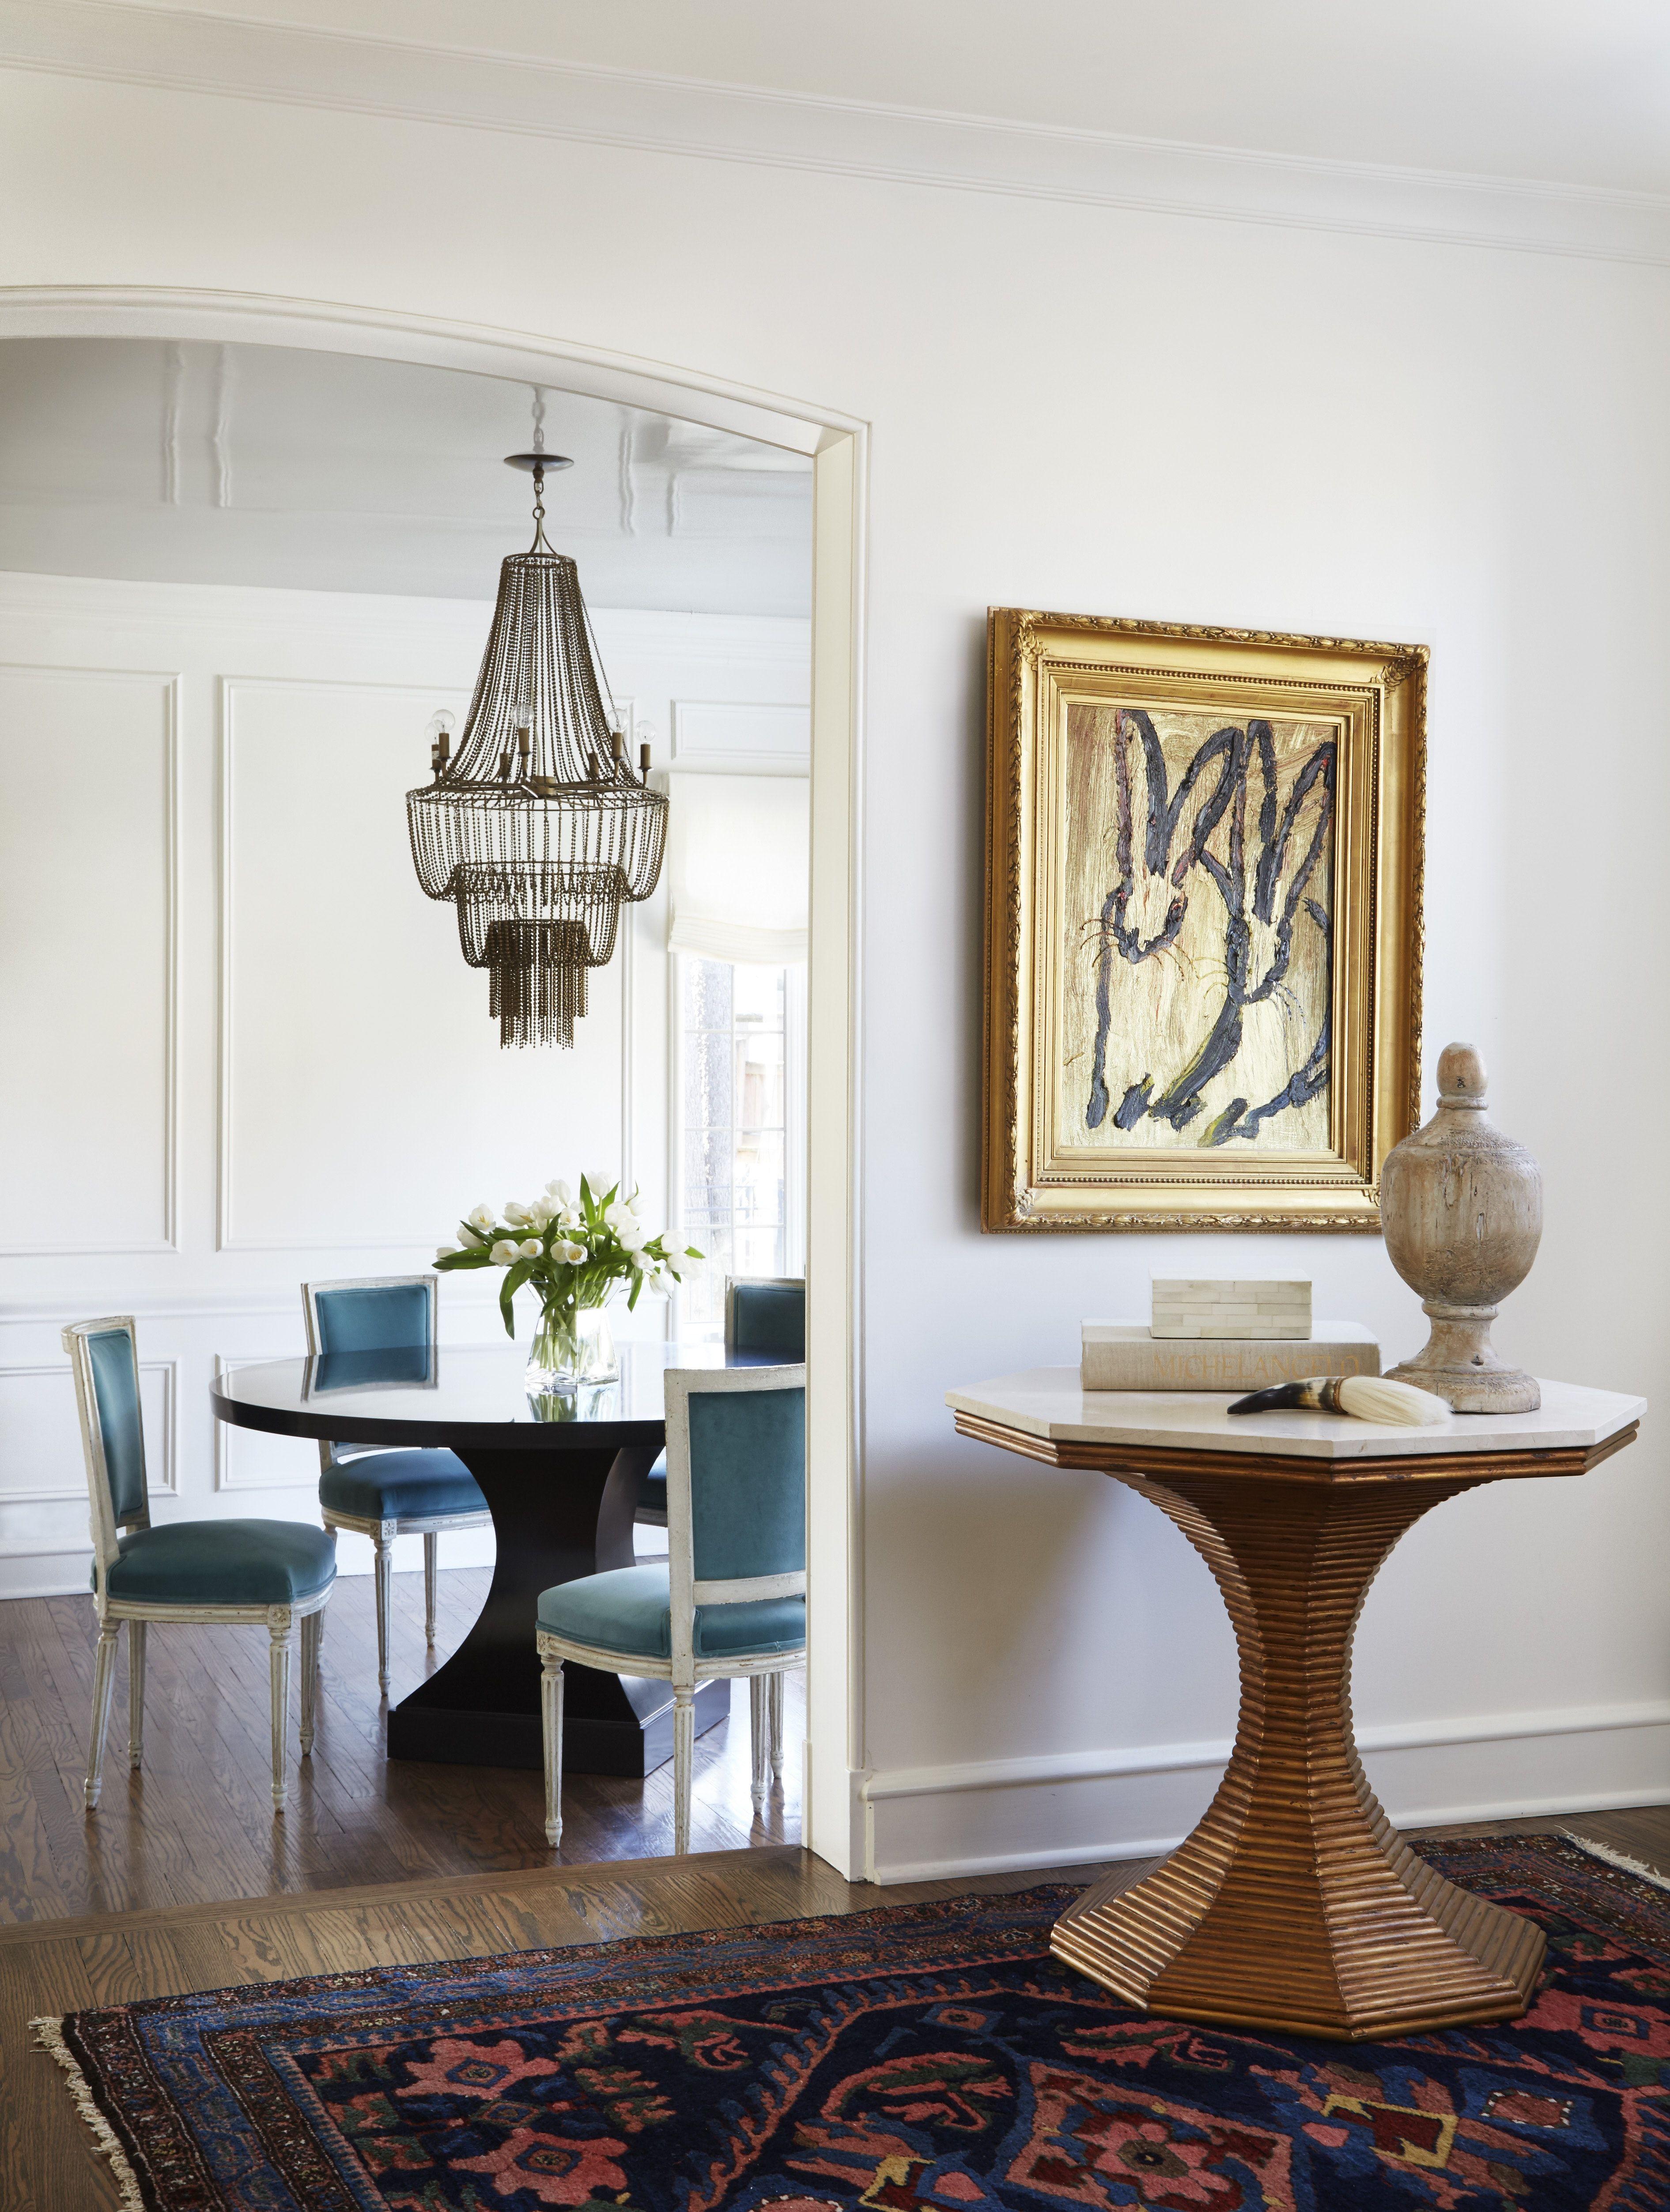 Powder Room By Amy Kartheiser Design: Sala De Jantar Decorada, Ideias